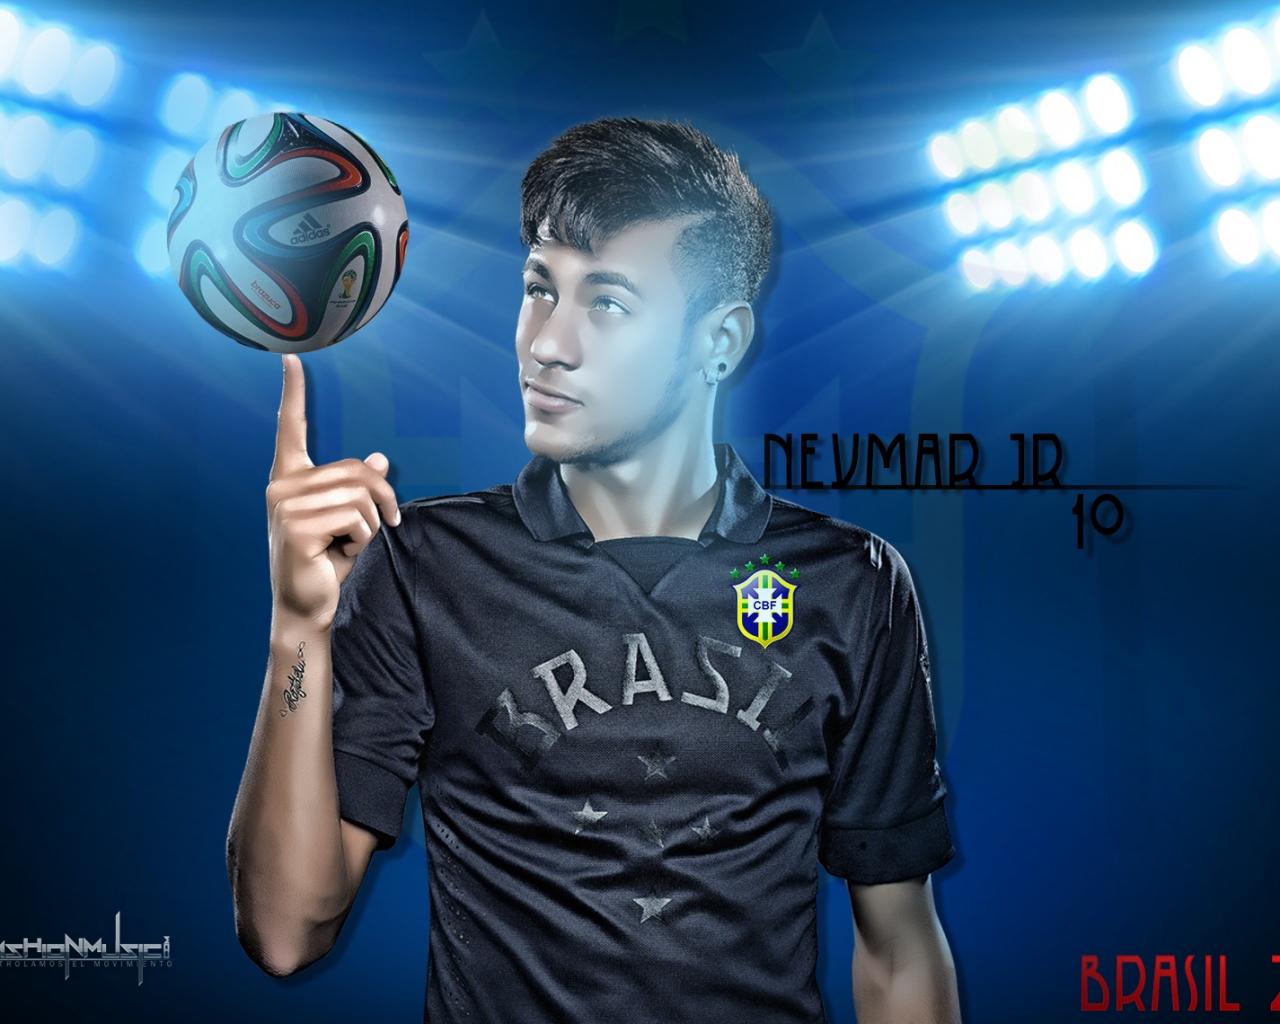 Neymar 10 - 1280x1024